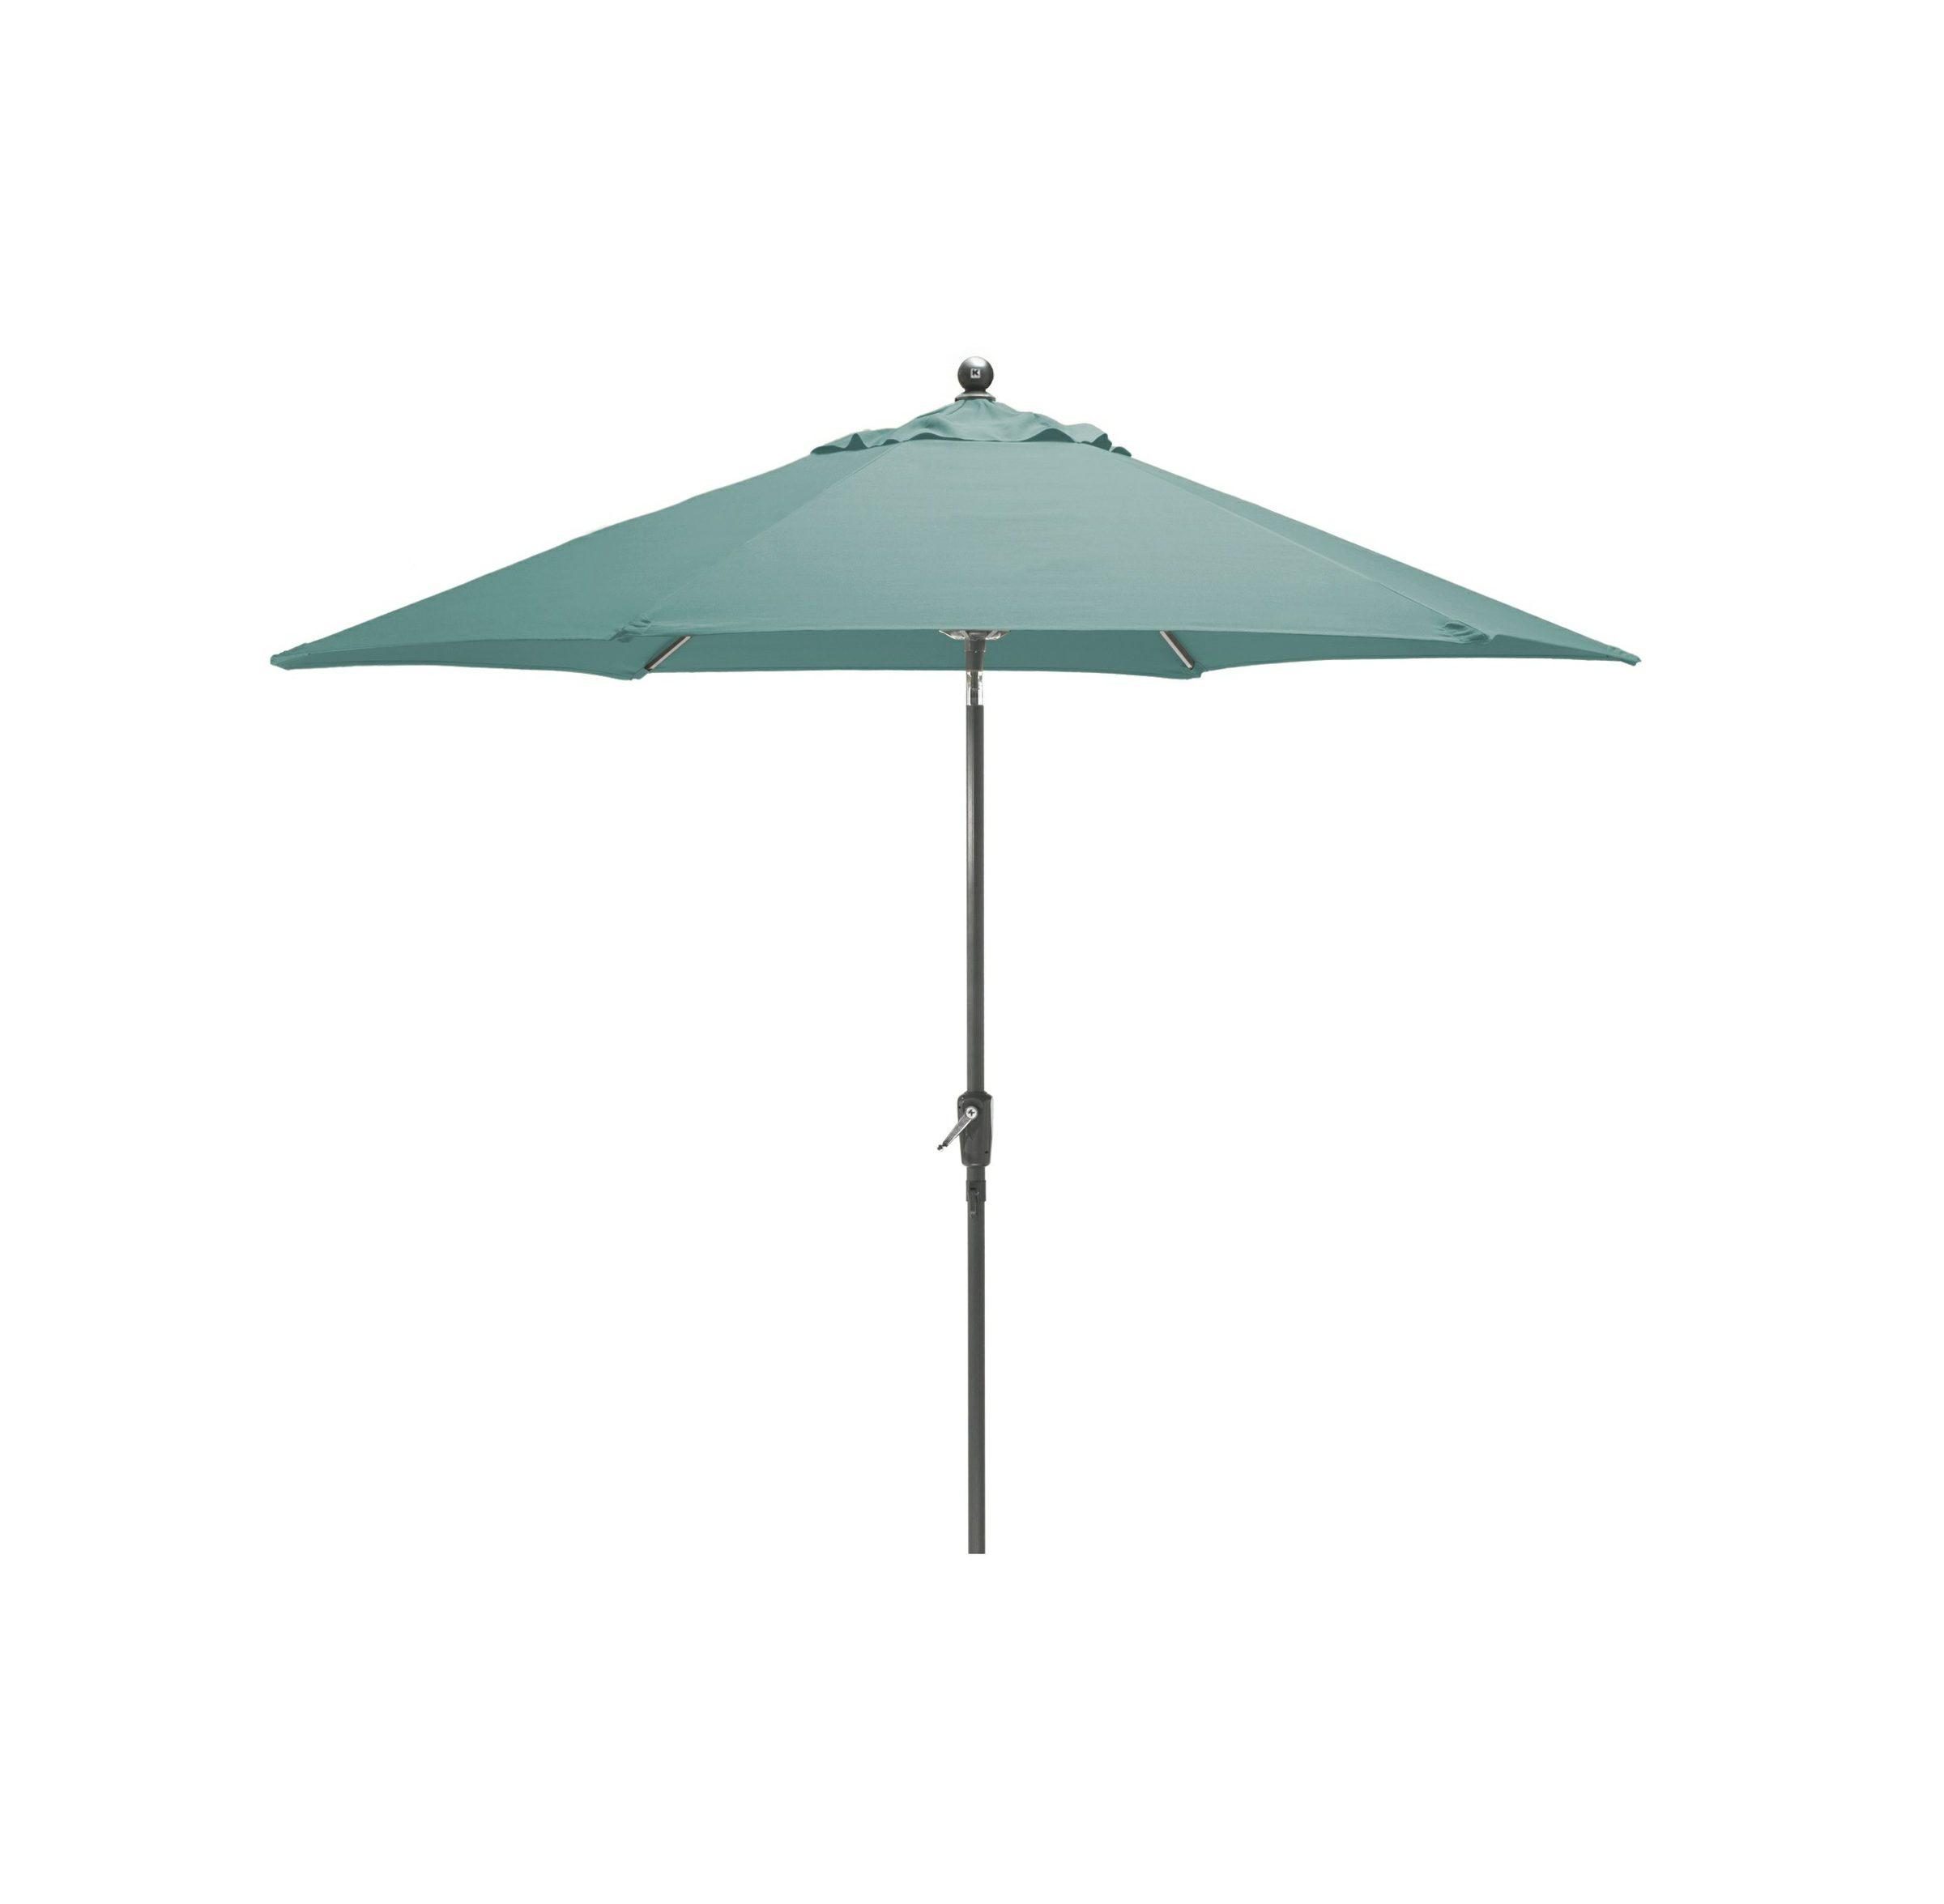 Kettler 2.9 tilt parasol slate/aqua